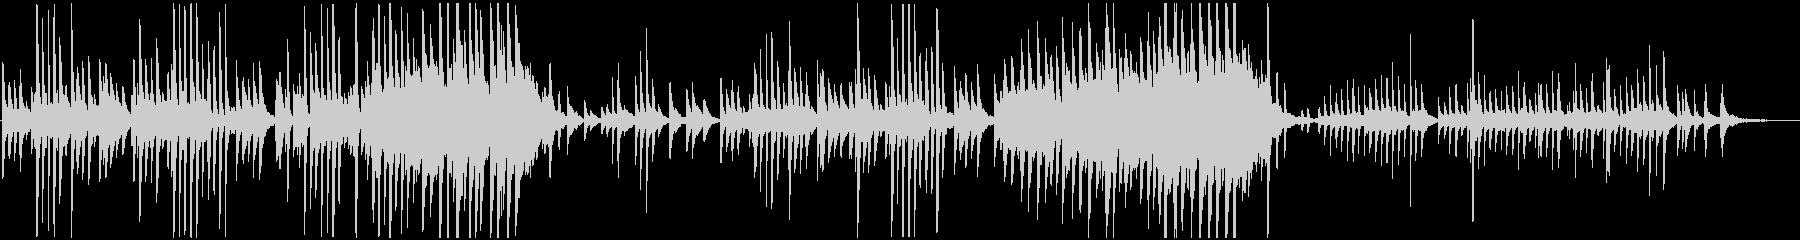 ピアノソロ・日常・ルーティン・優しいの未再生の波形